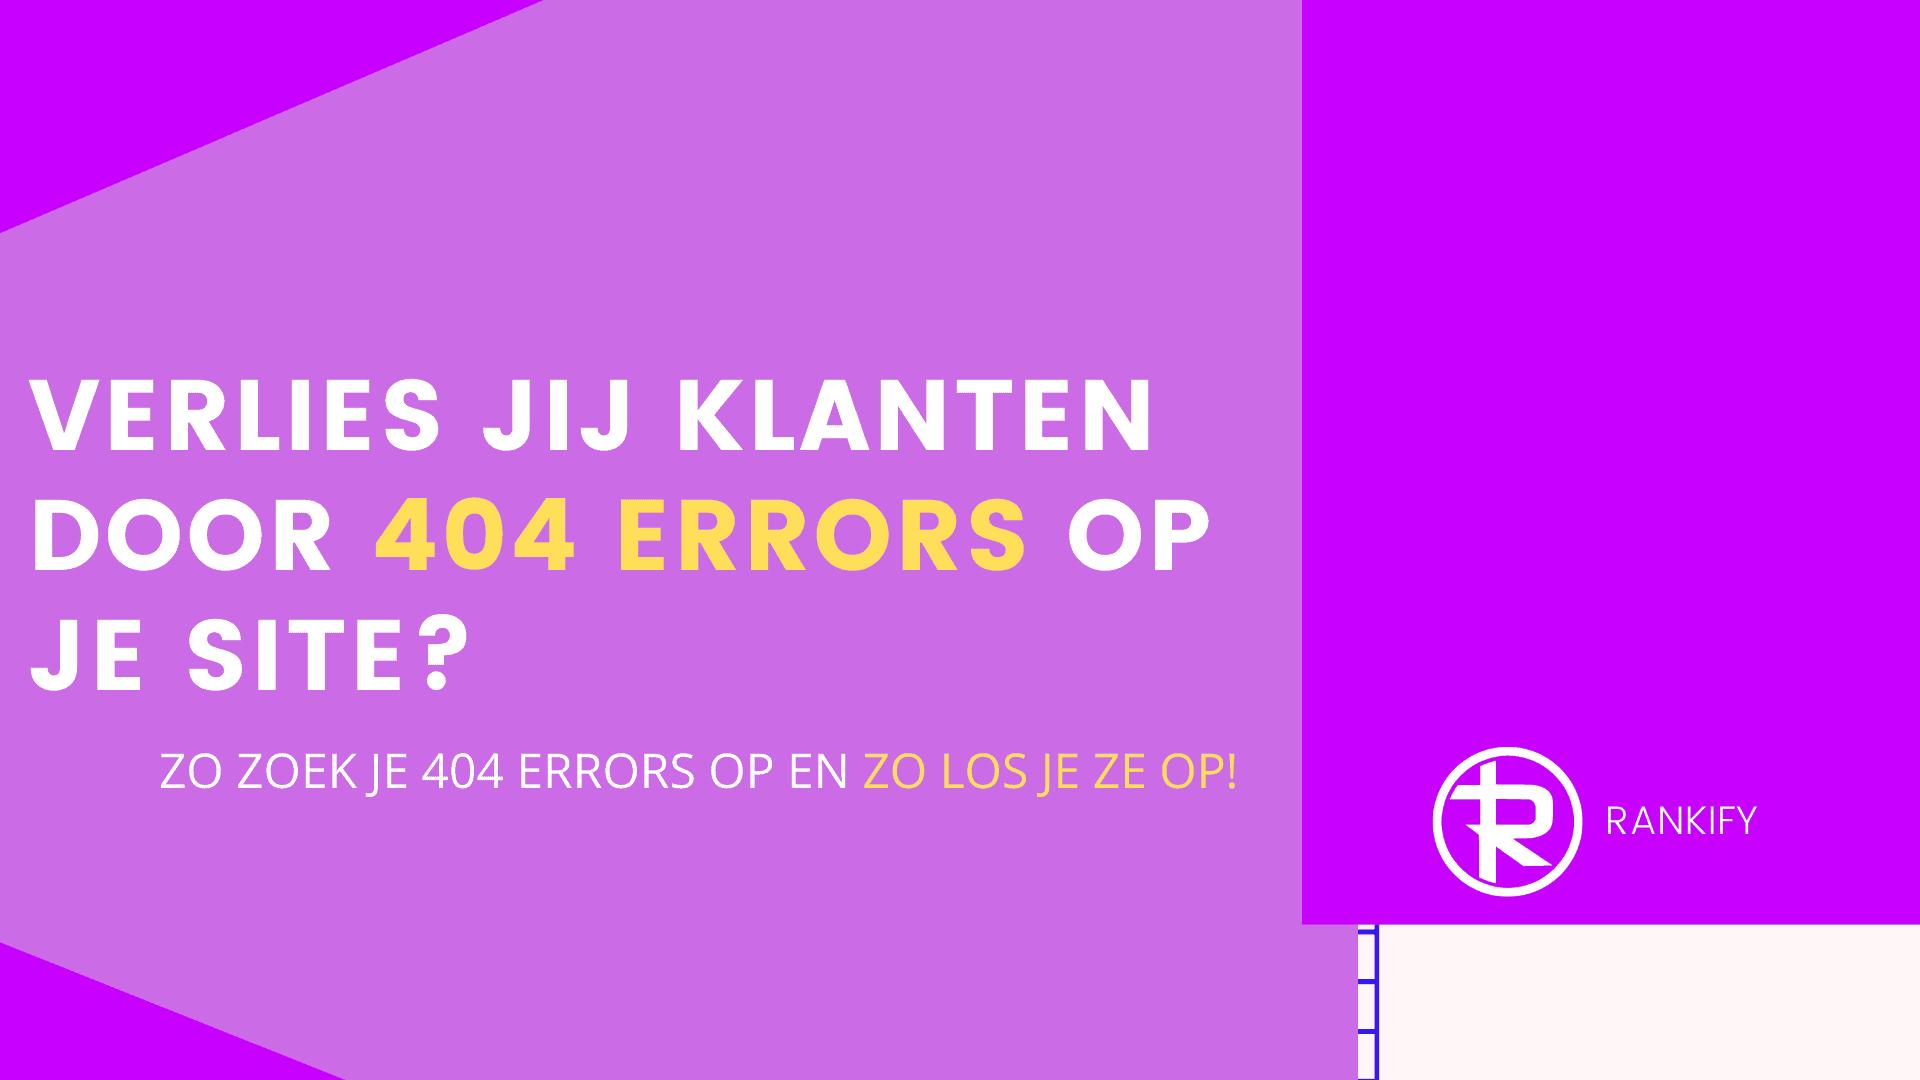 verlies jij klanten door 404 errors op je site?